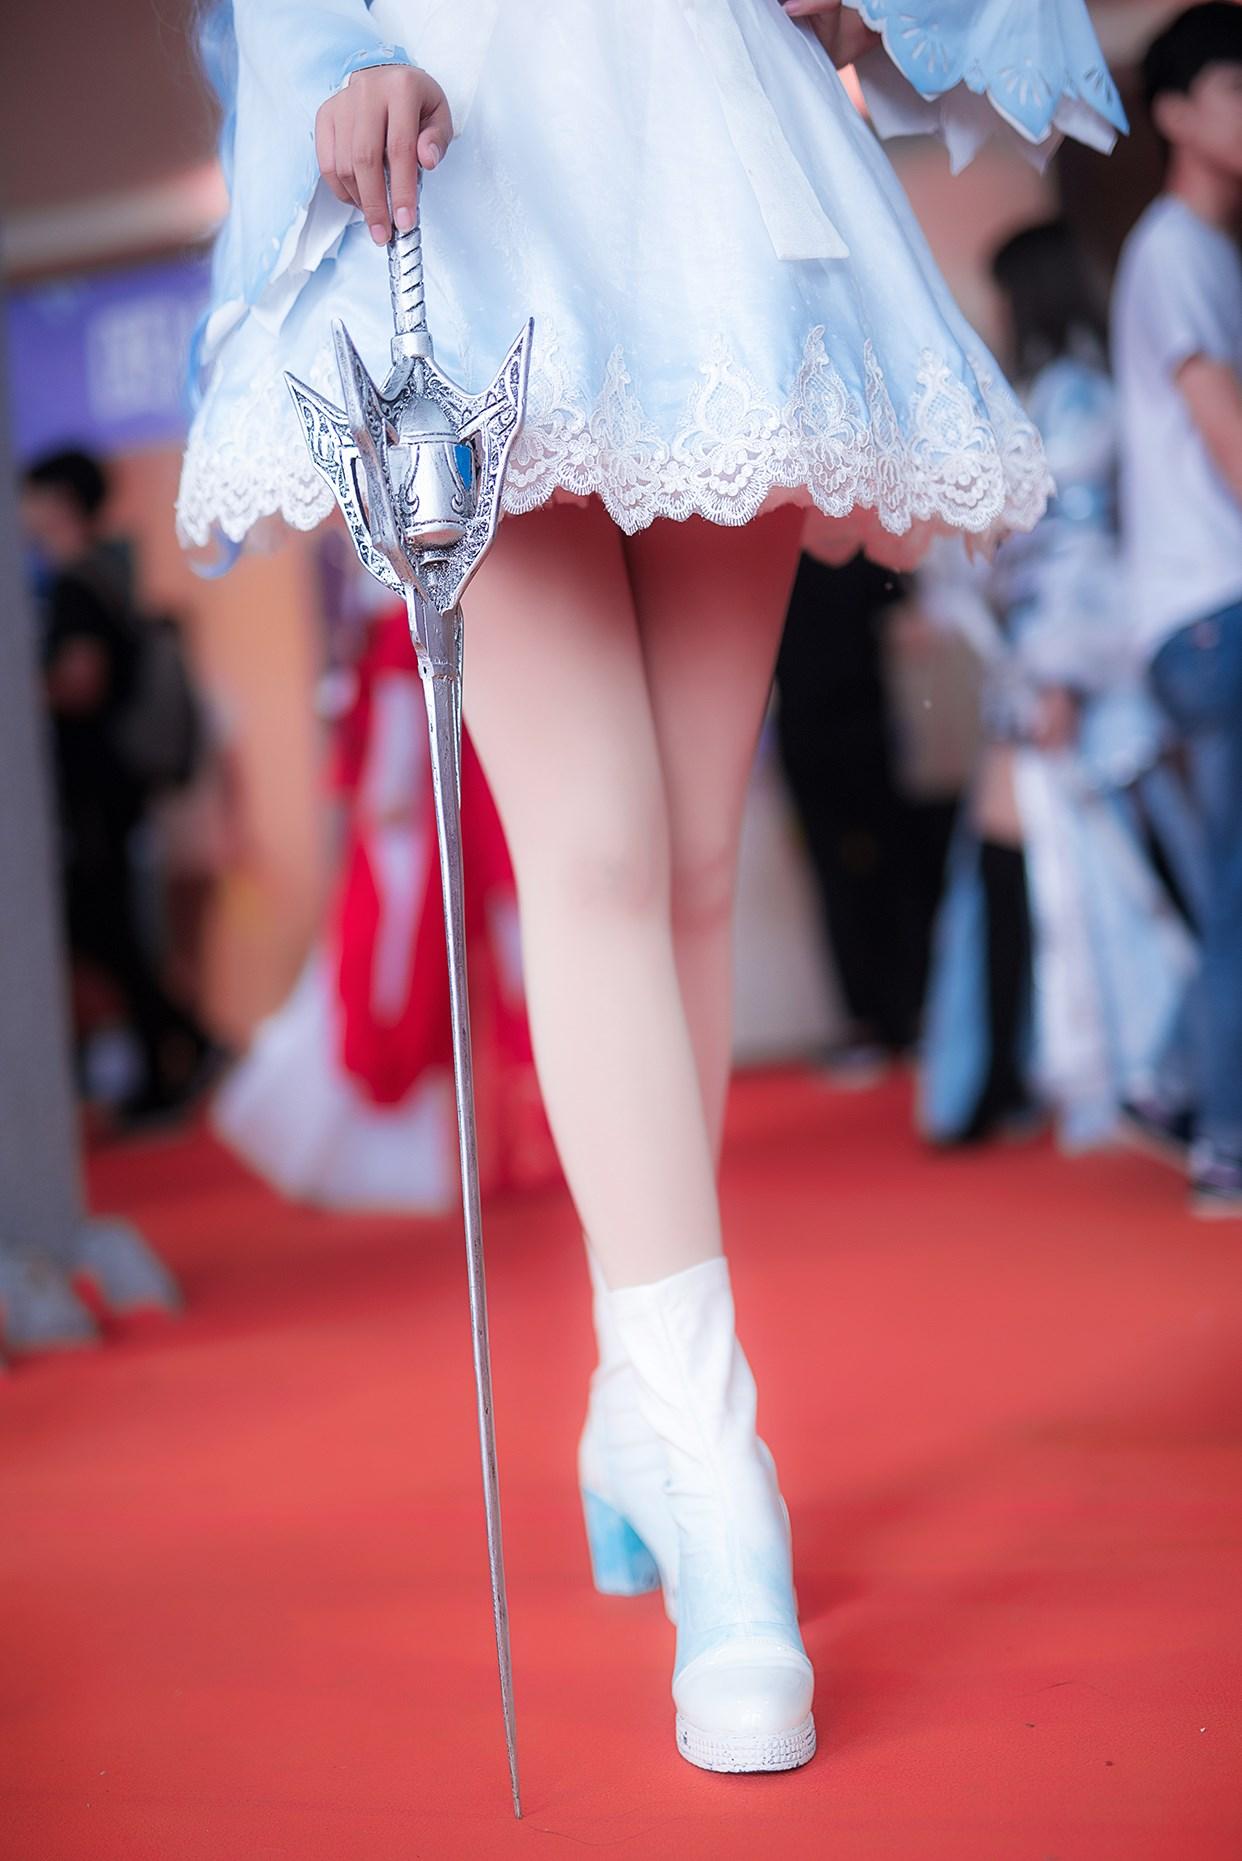 【兔玩映画】各种腿照福利 兔玩映画 第25张